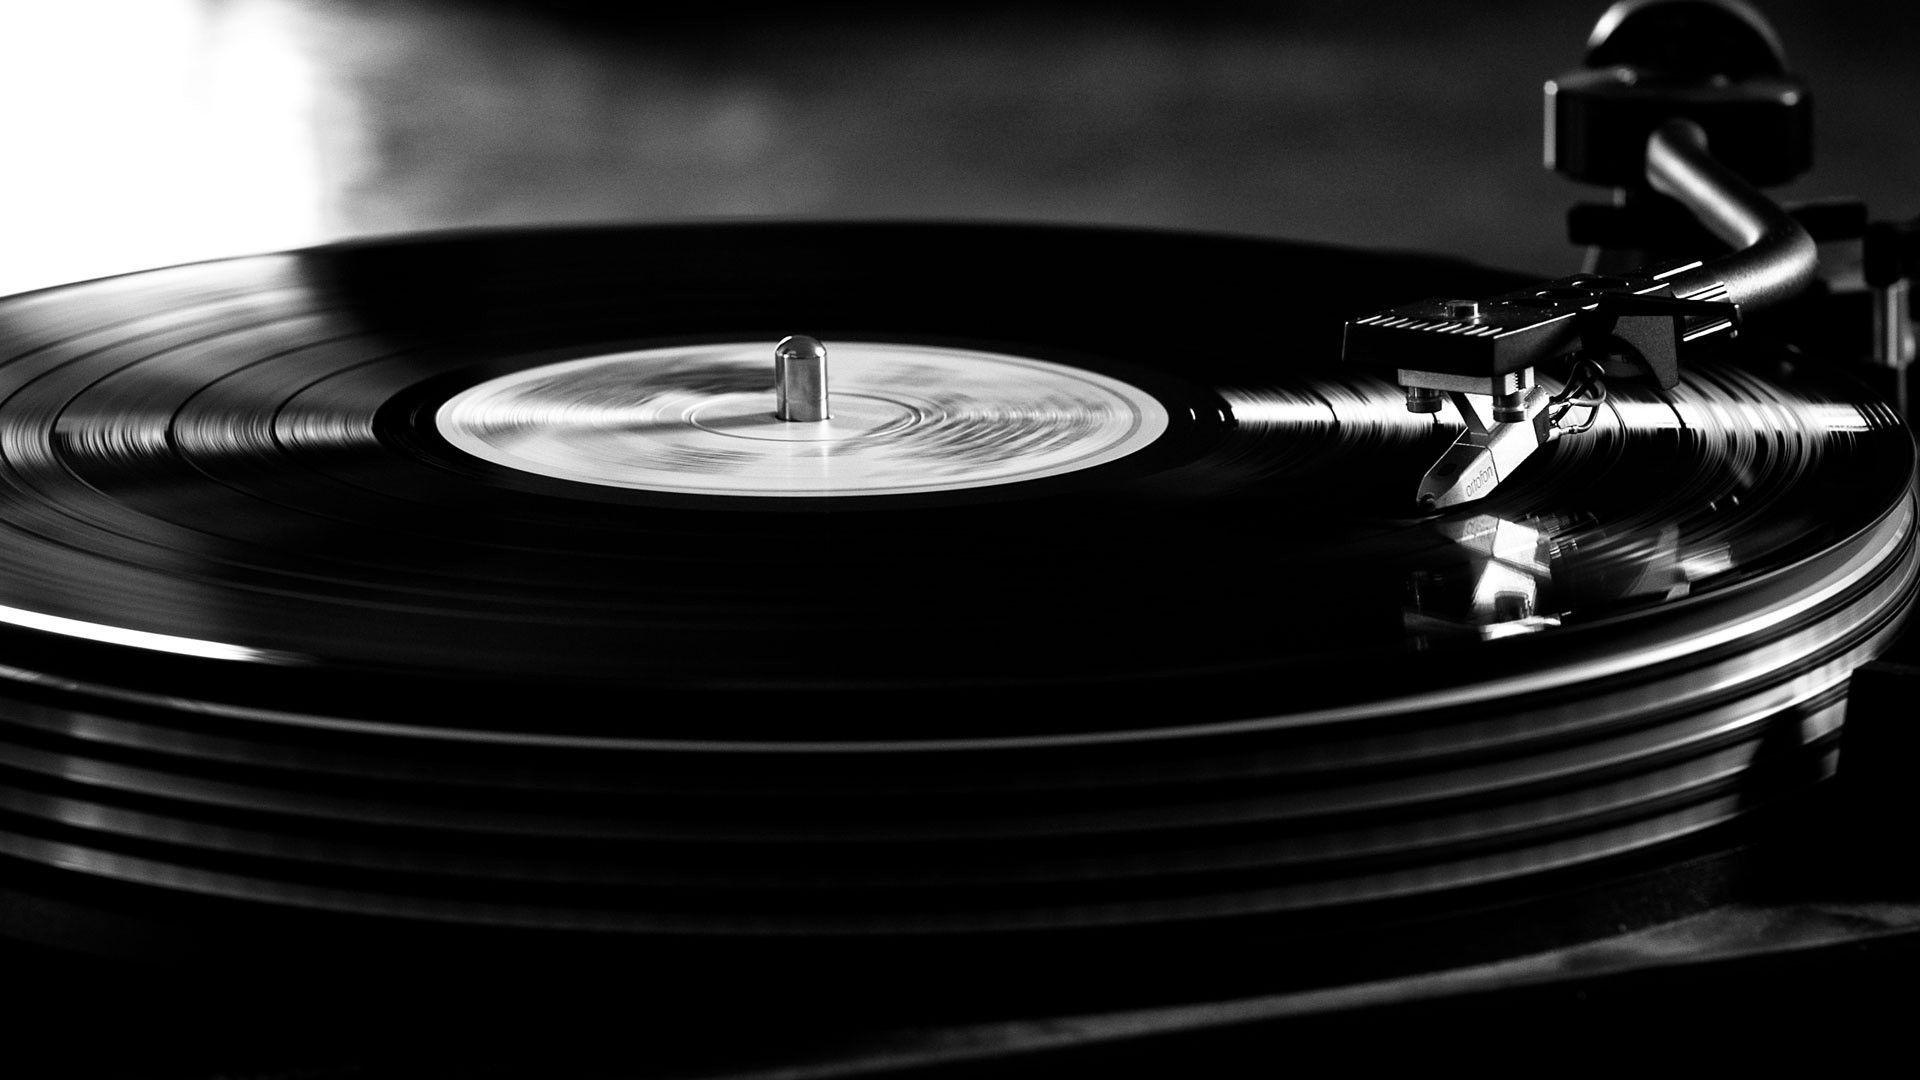 Слушать музыку или нет – вот в чем вопрос